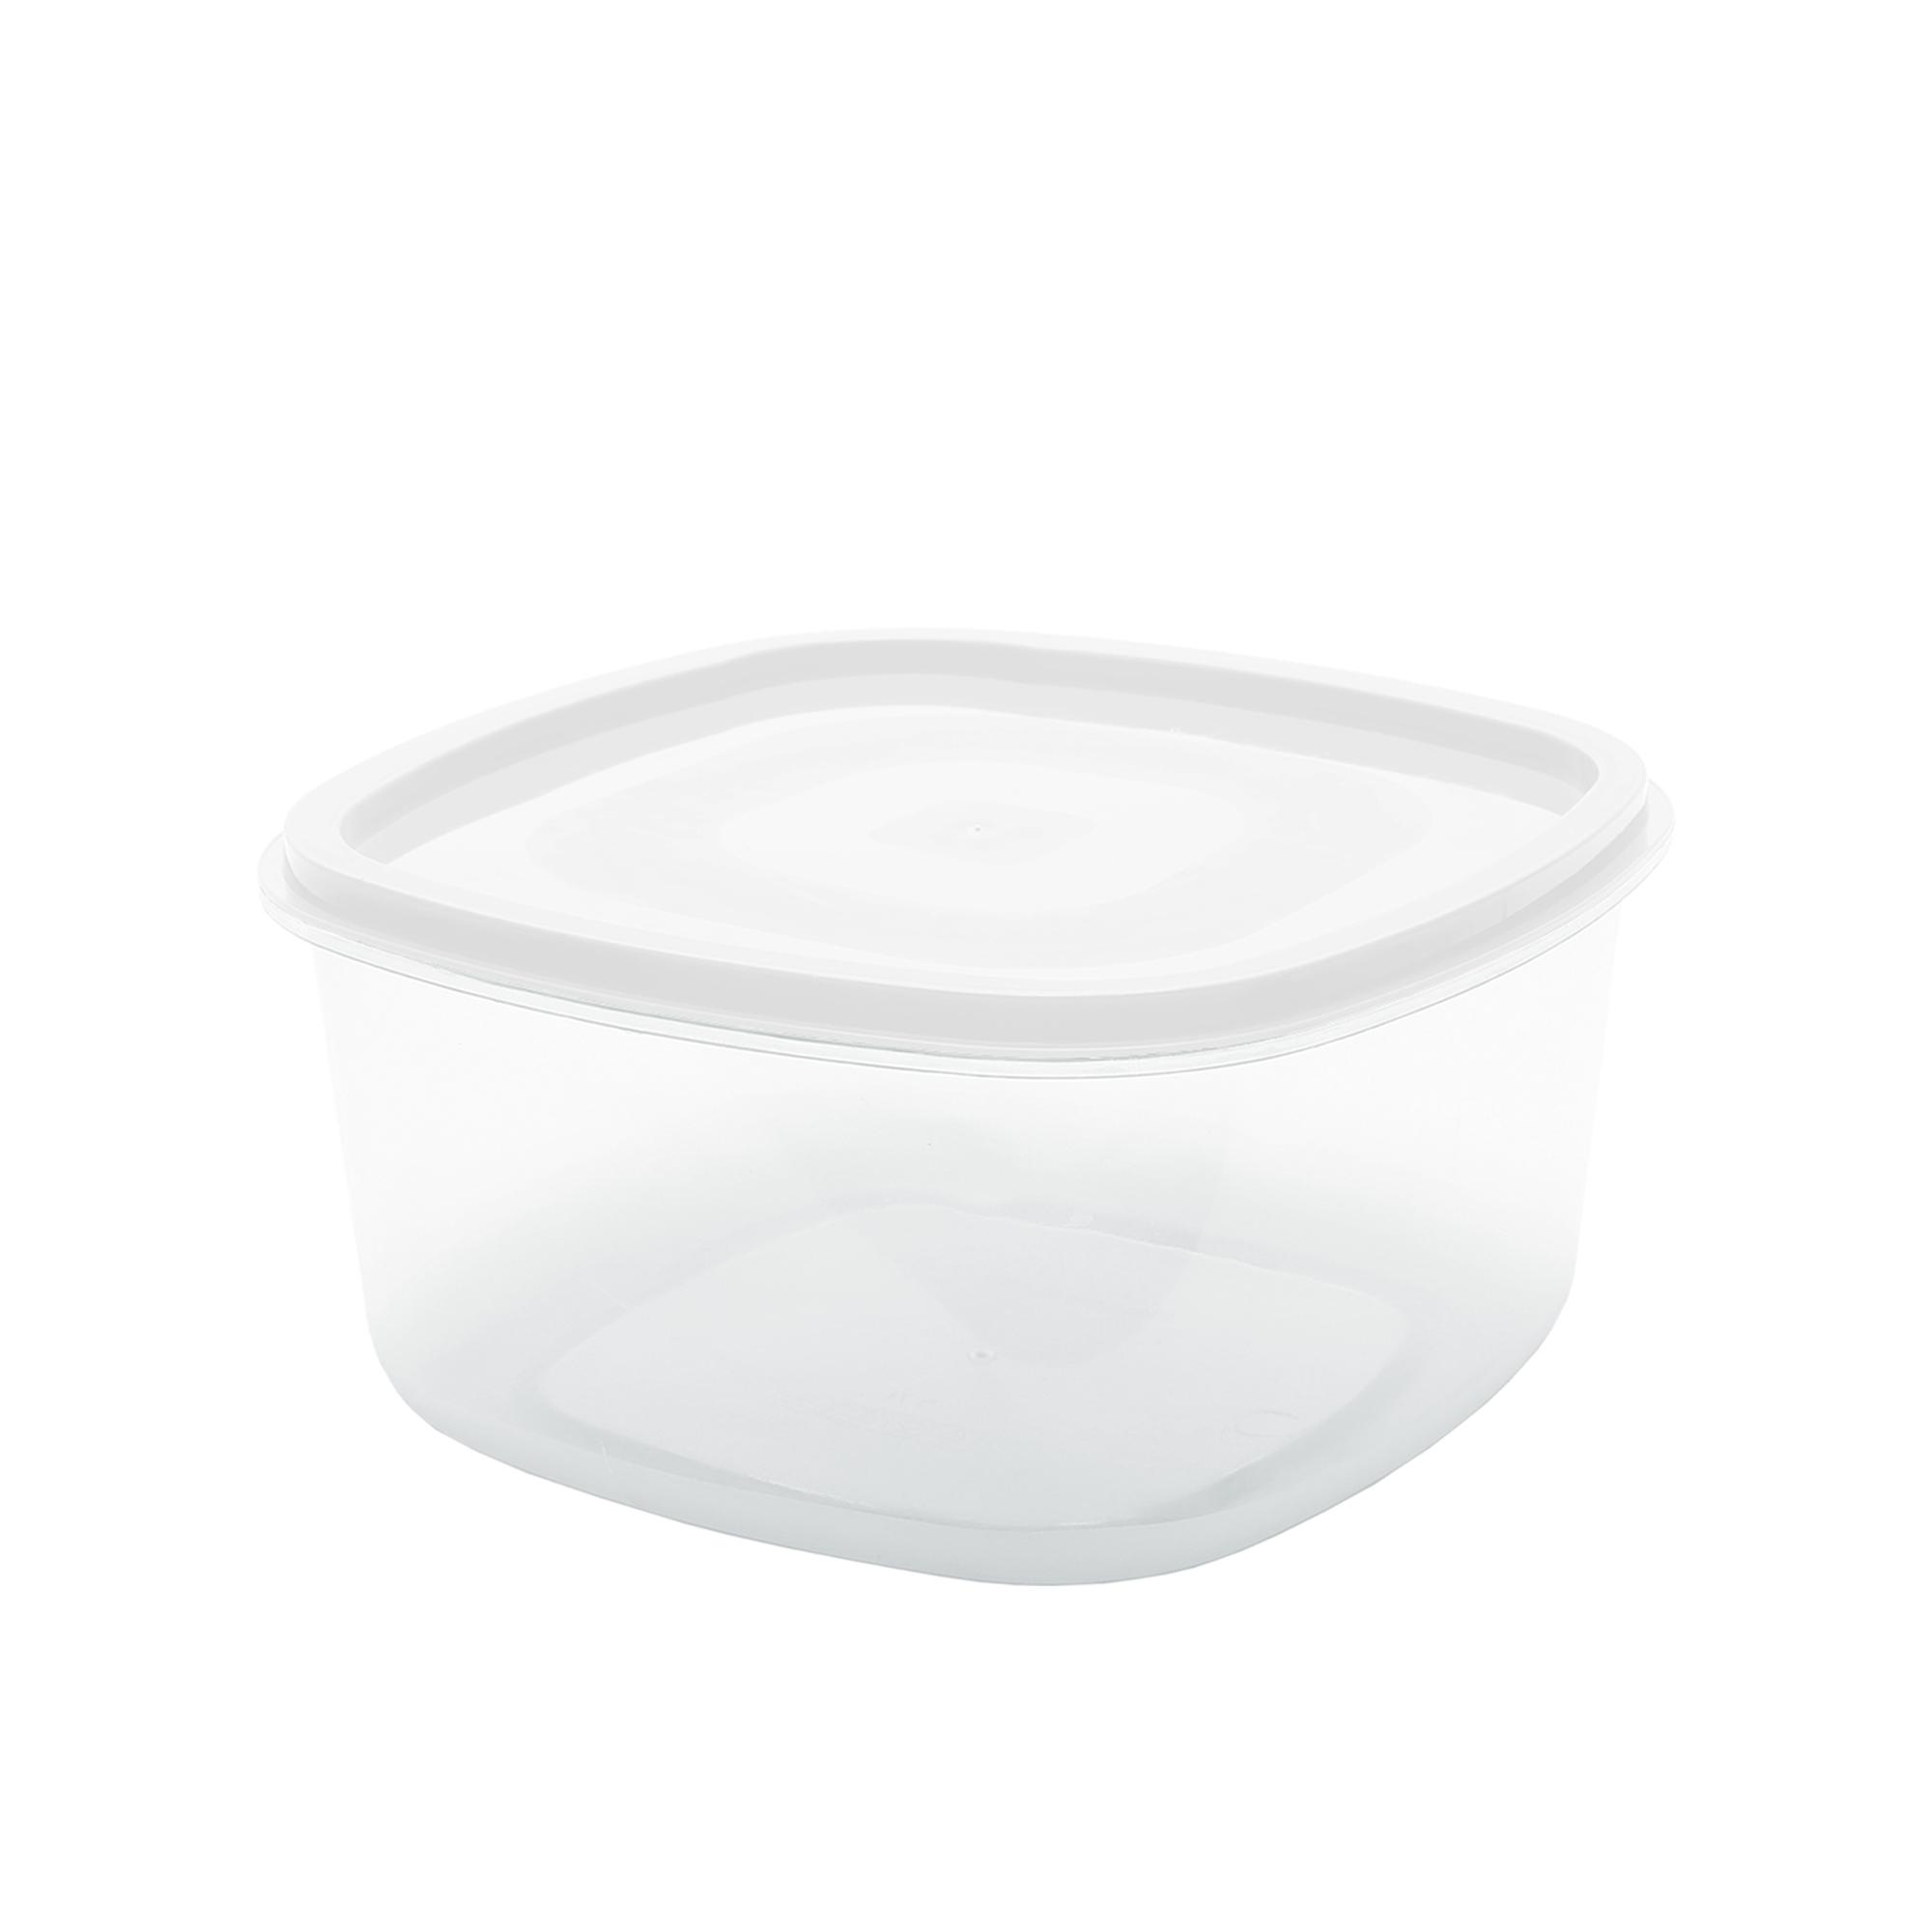 Pote Quadrado Liso 0.7 L - Branco